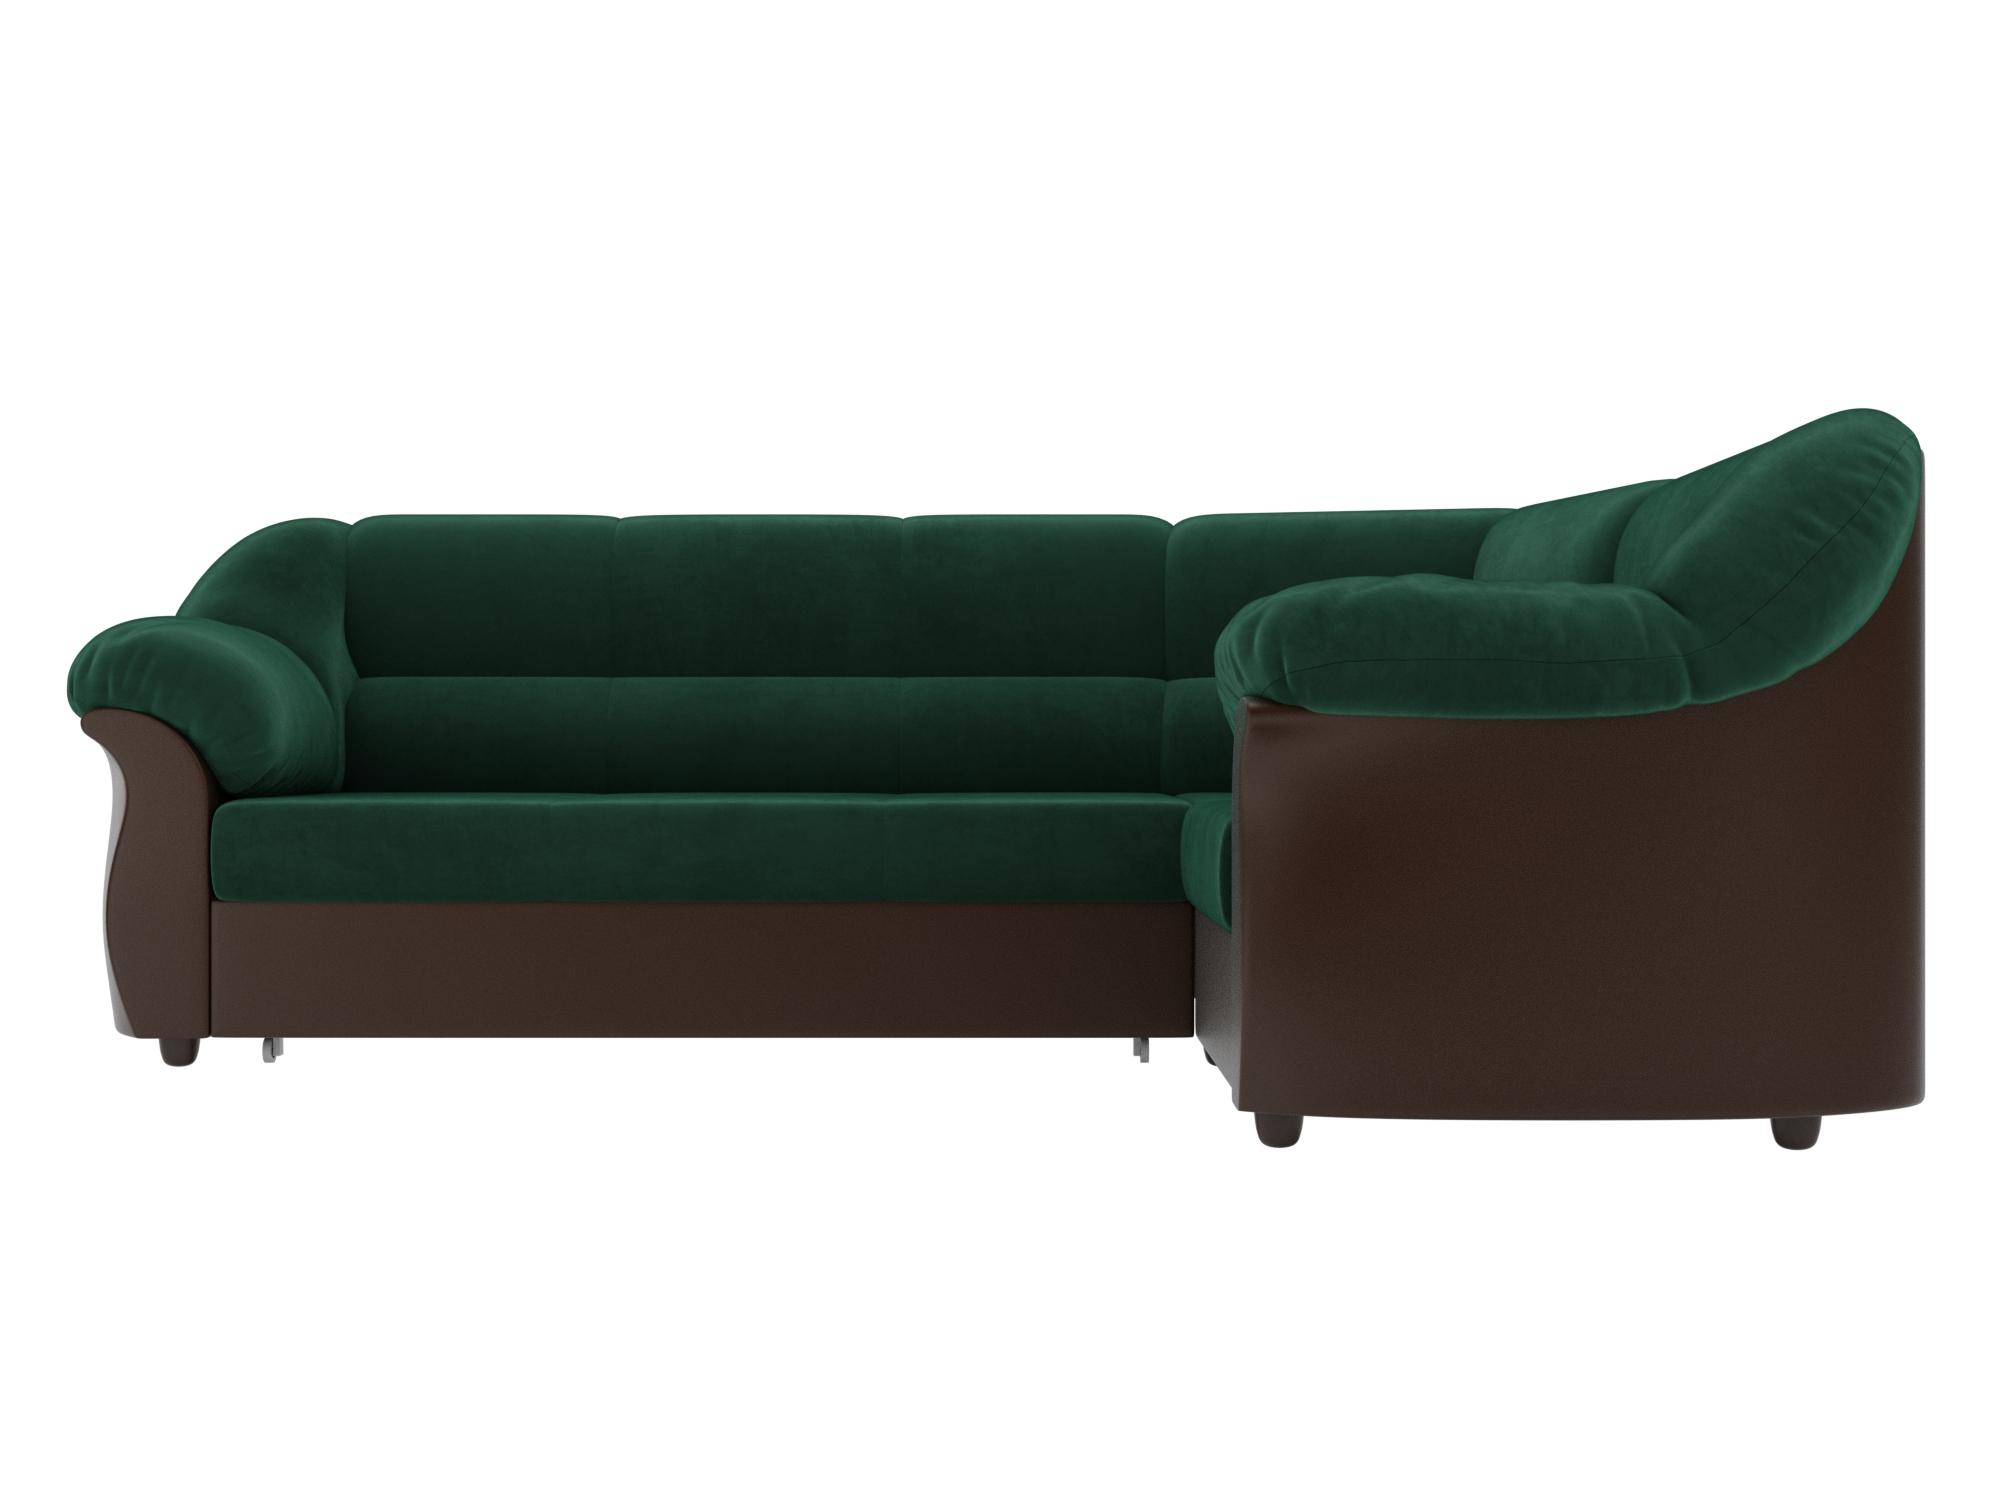 Угловой диван Карнелла Правый MebelVia Зеленый, Коричневый